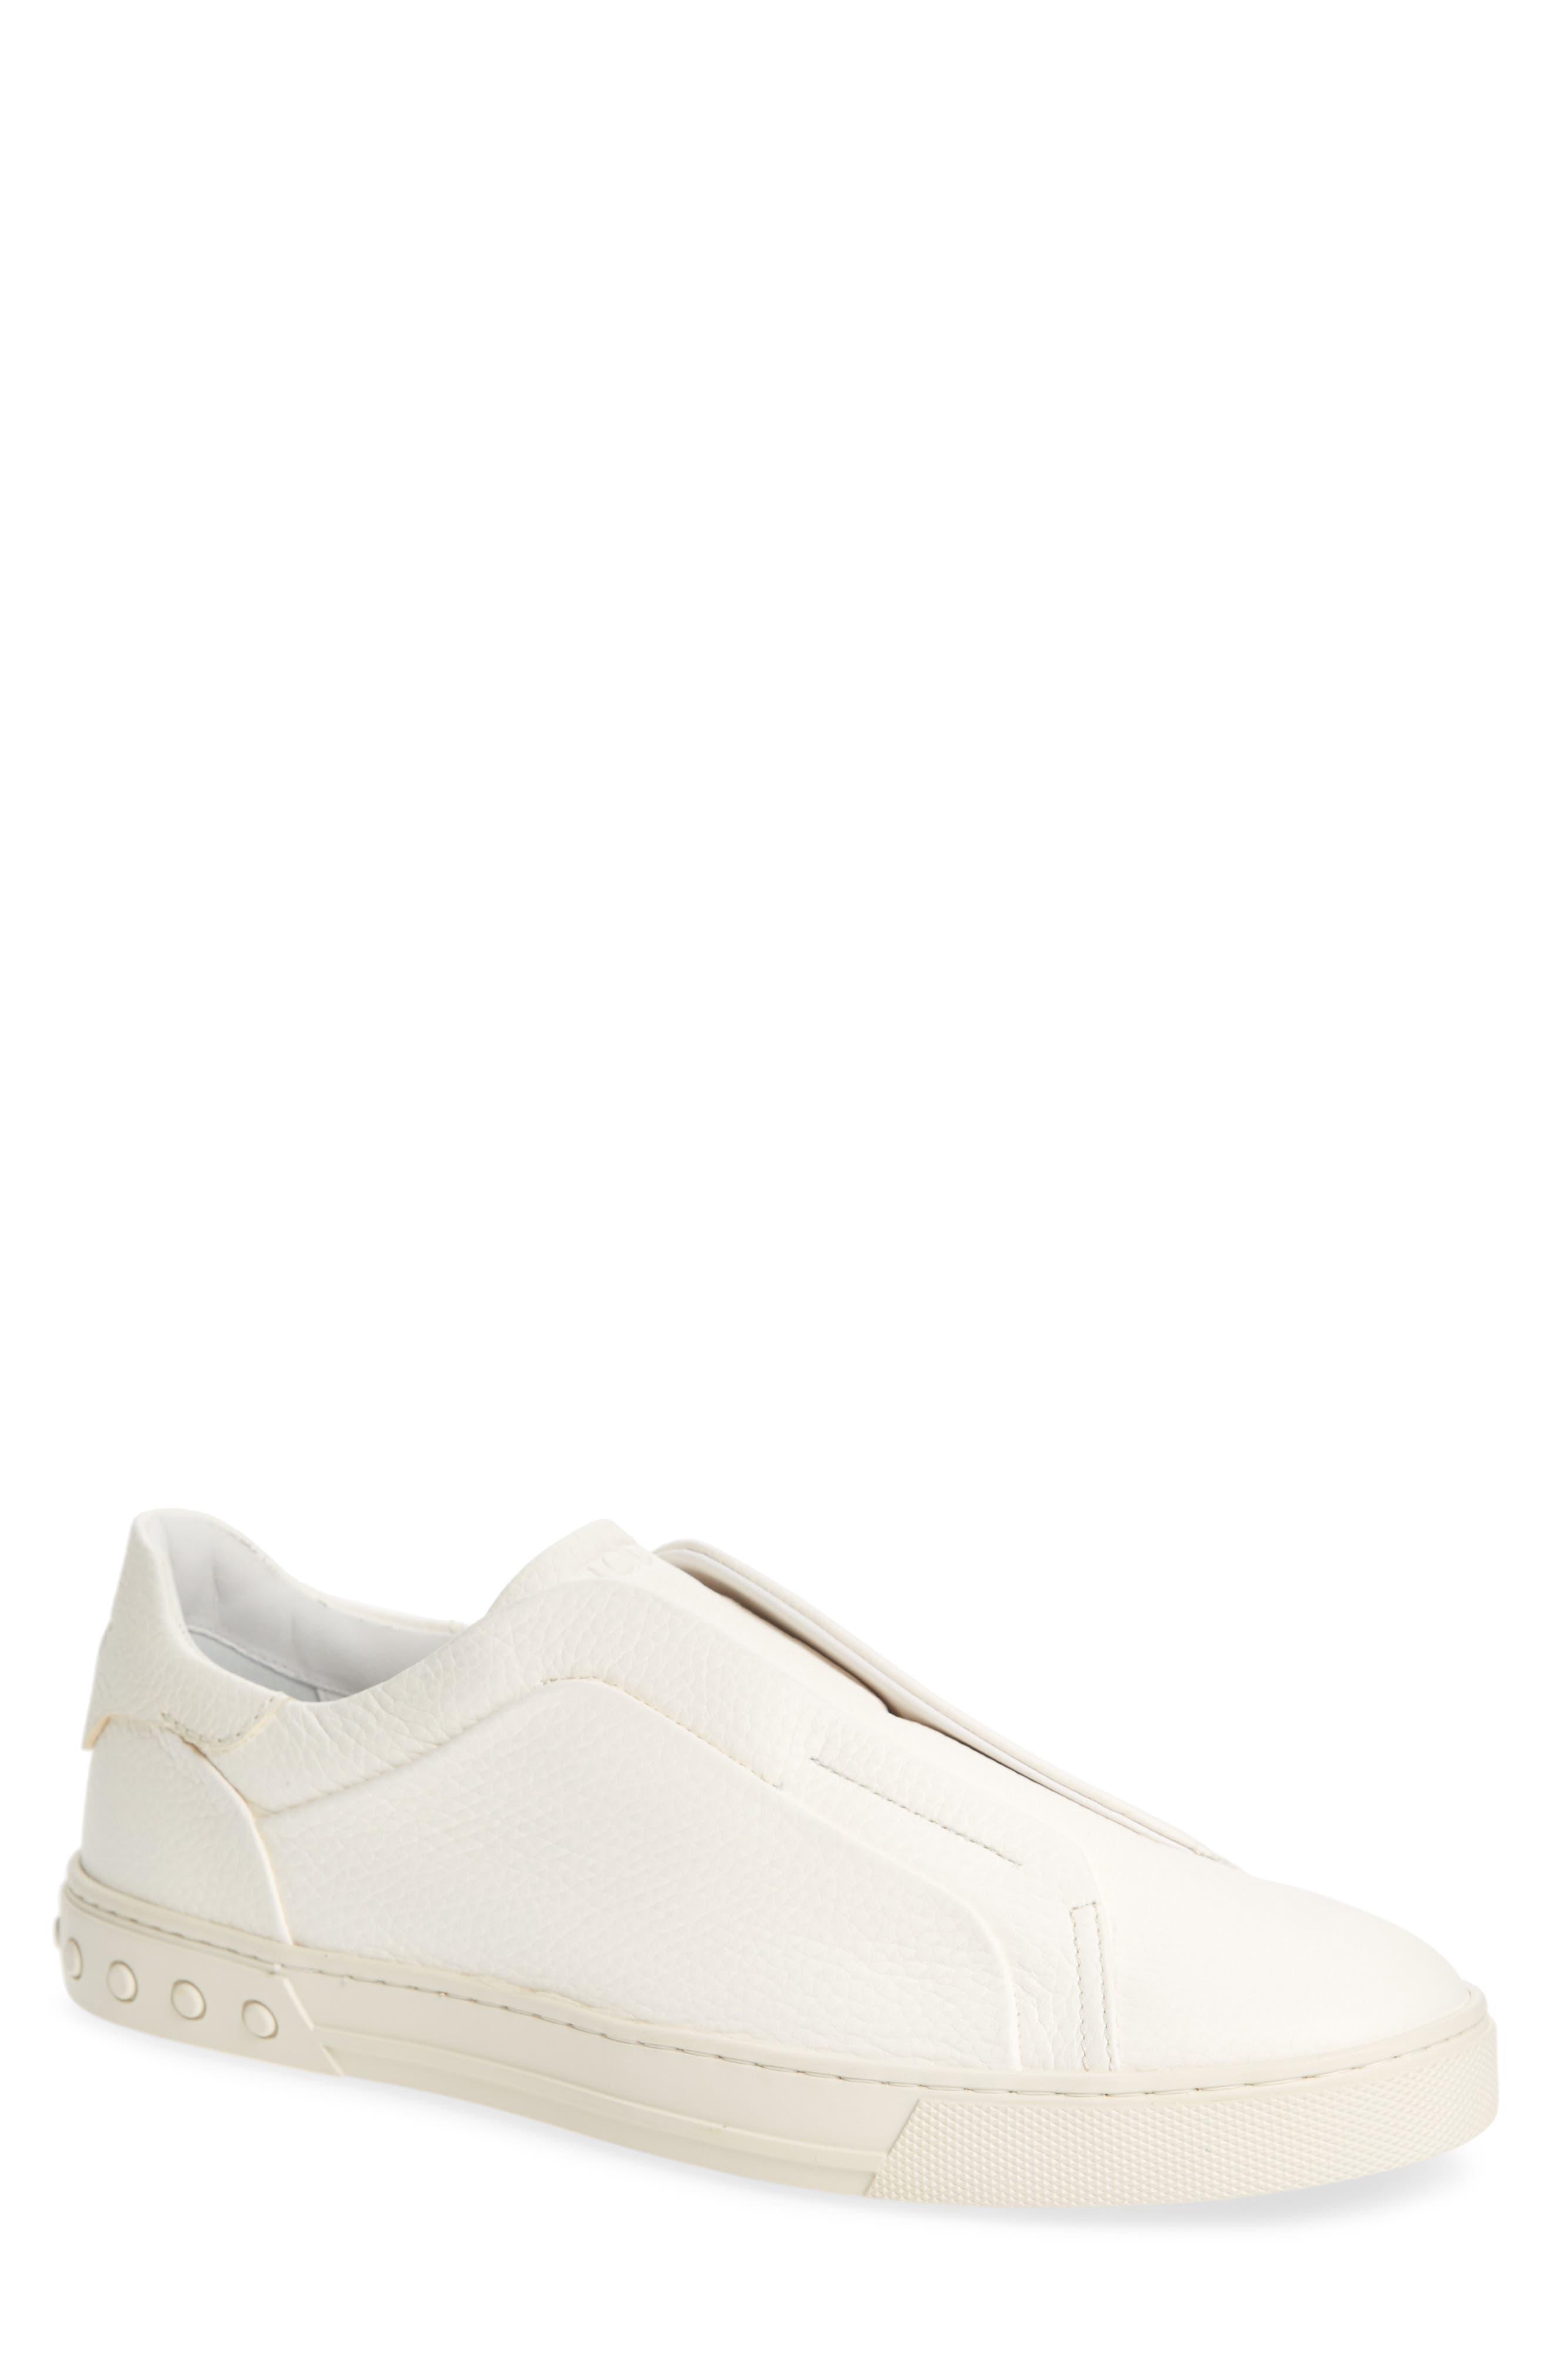 Cassetta Slip-on Sneaker,                         Main,                         color, White